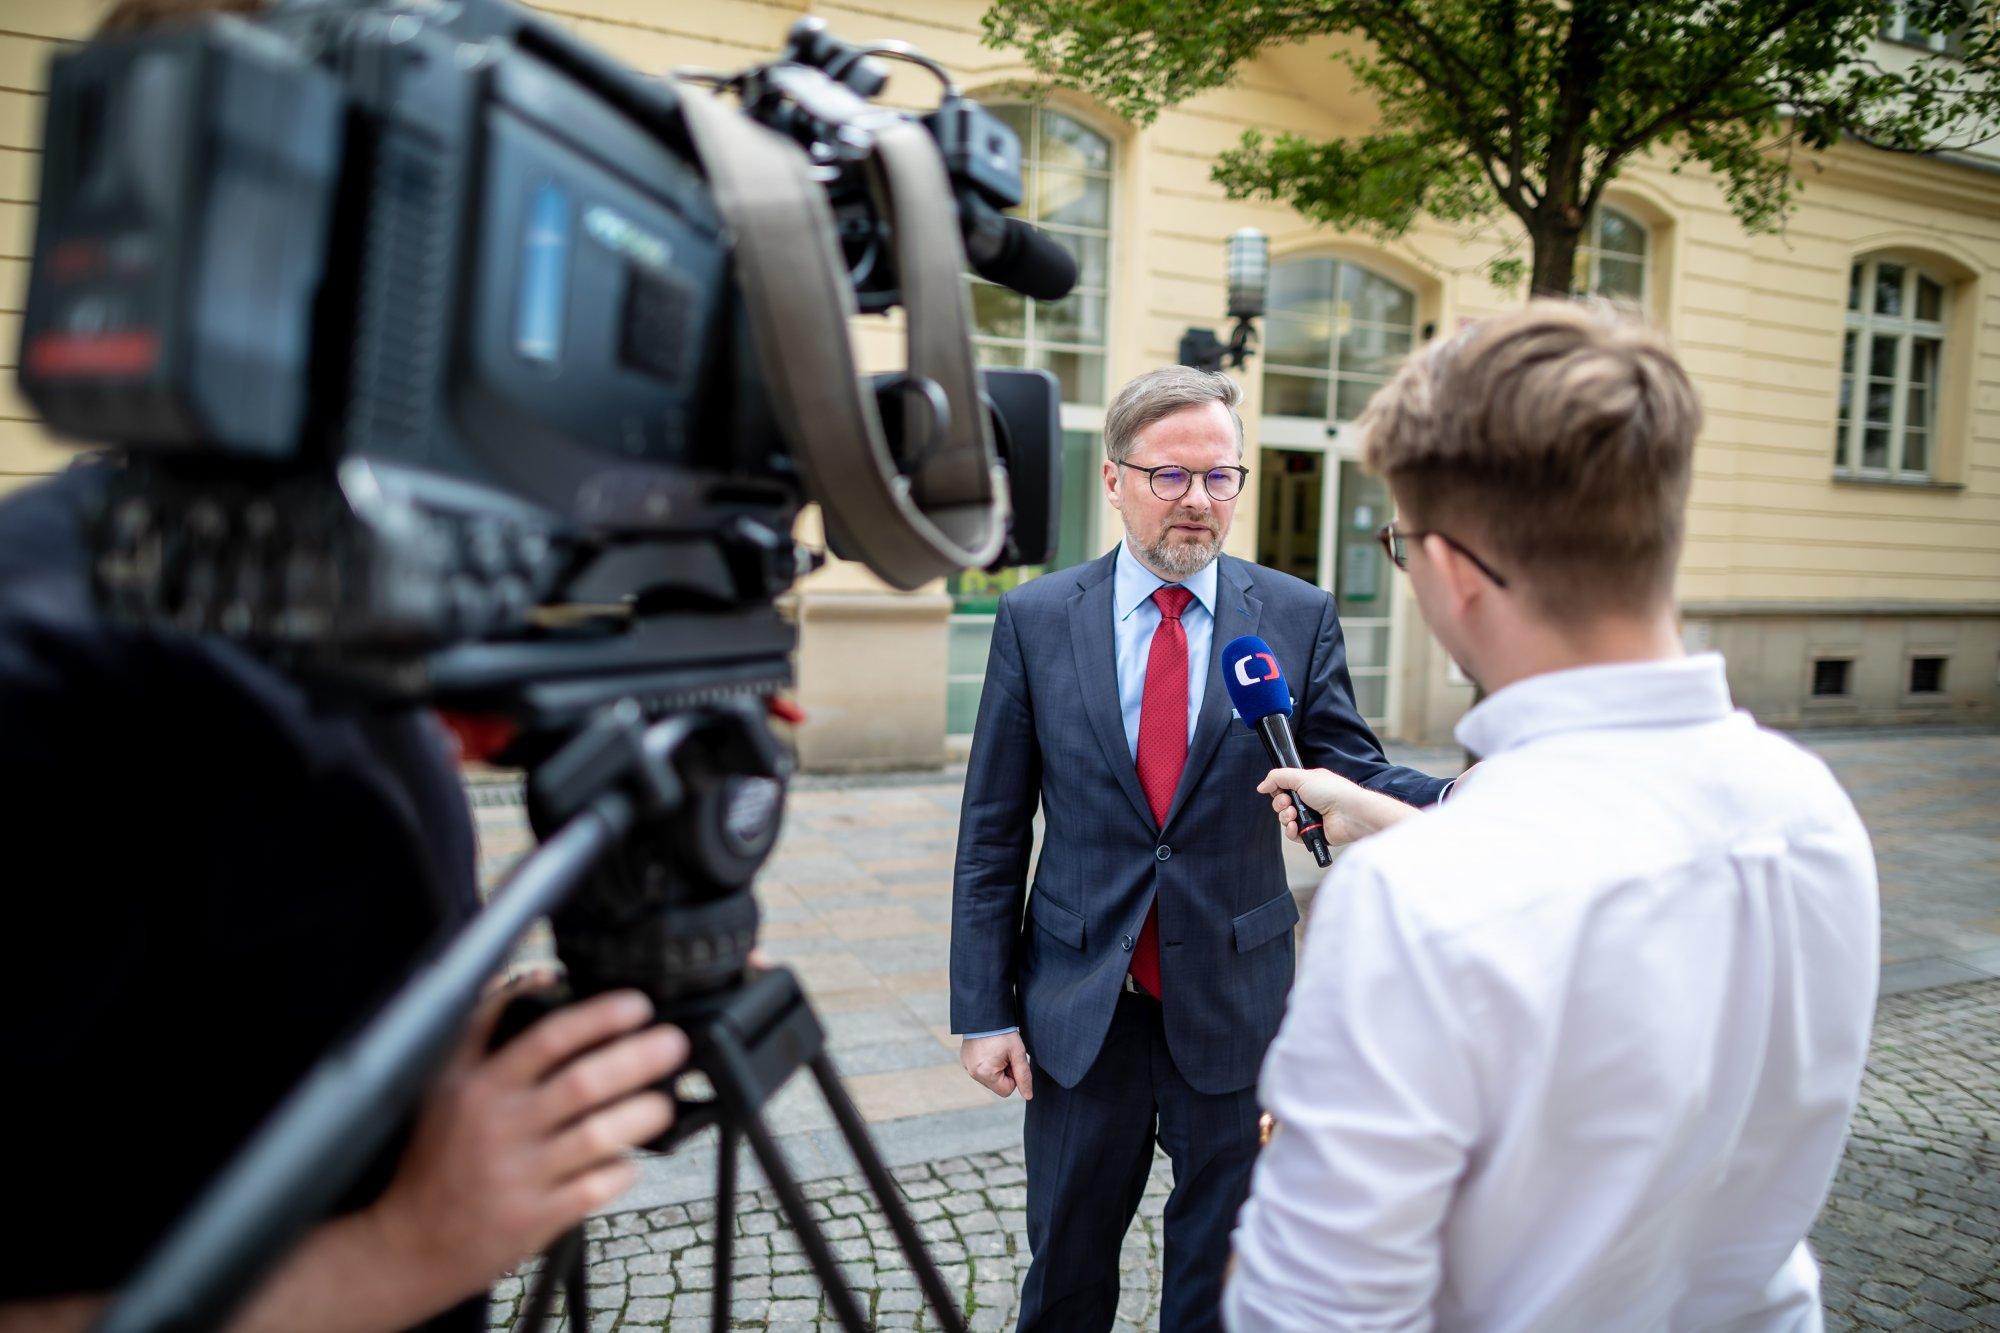 Petr Fiala: Politickou krizí se nelze promlčet. ODS nabízí změnu. Chceme znát názory stran, které drží u moci premiéra Babiše